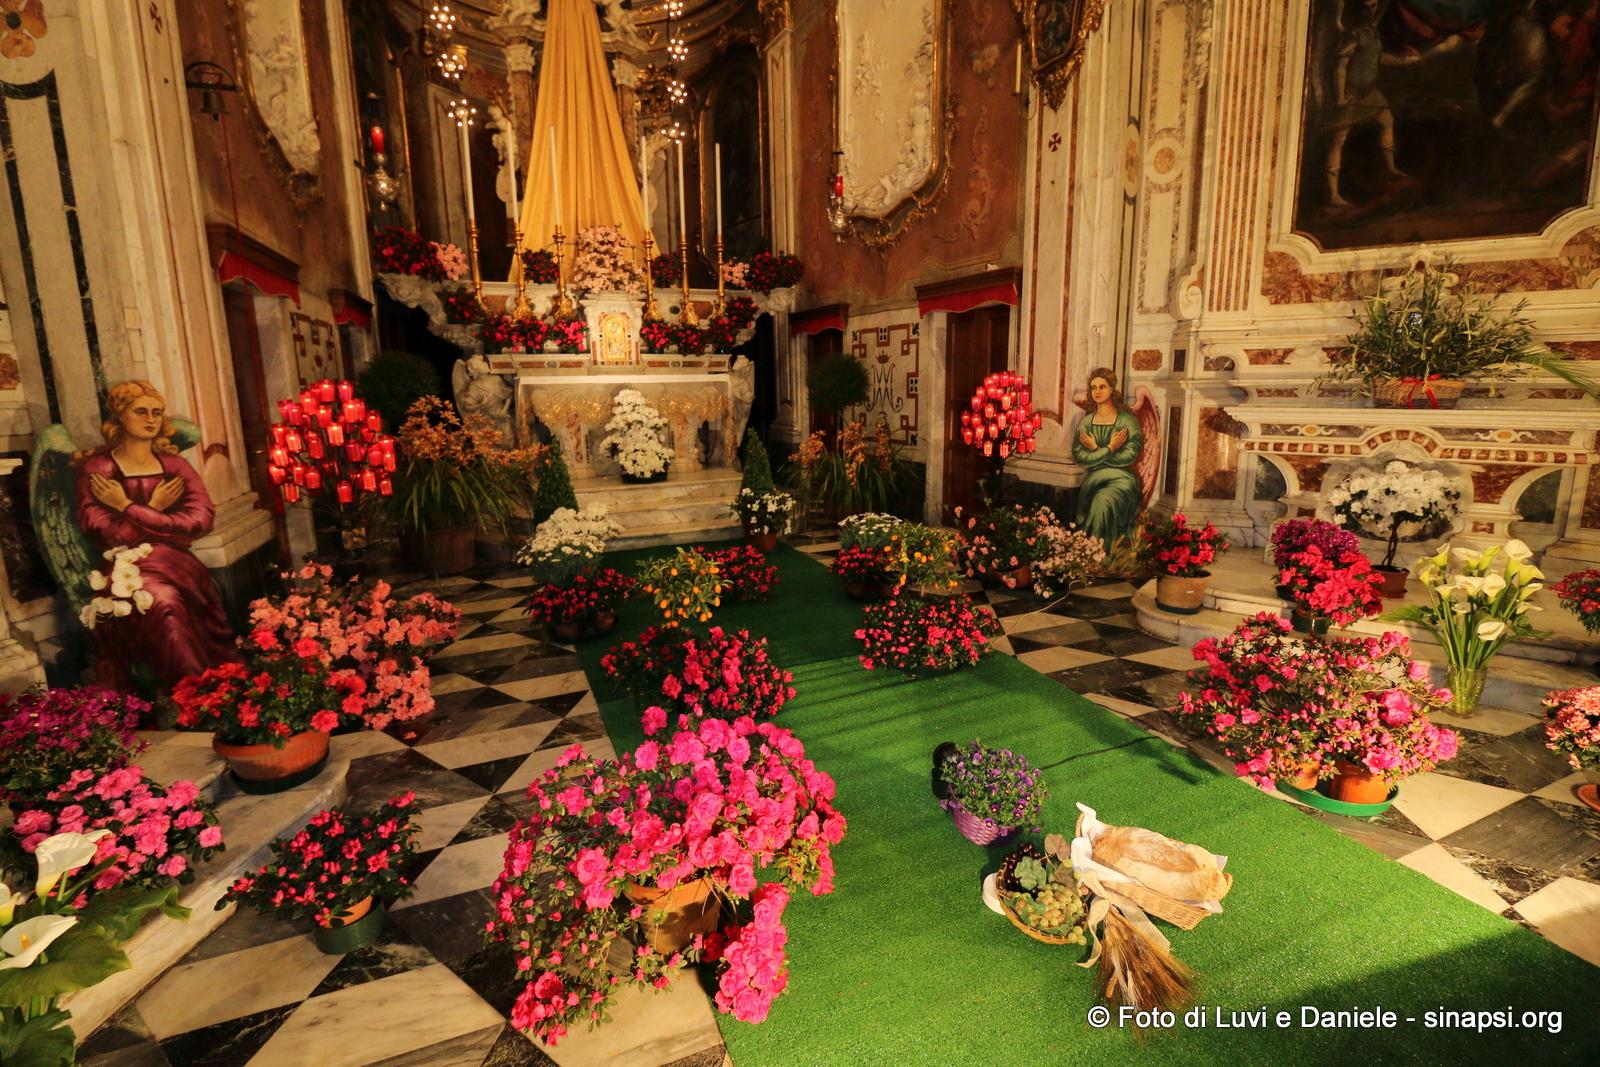 Sepolcro Chiesa Suffragio Recco